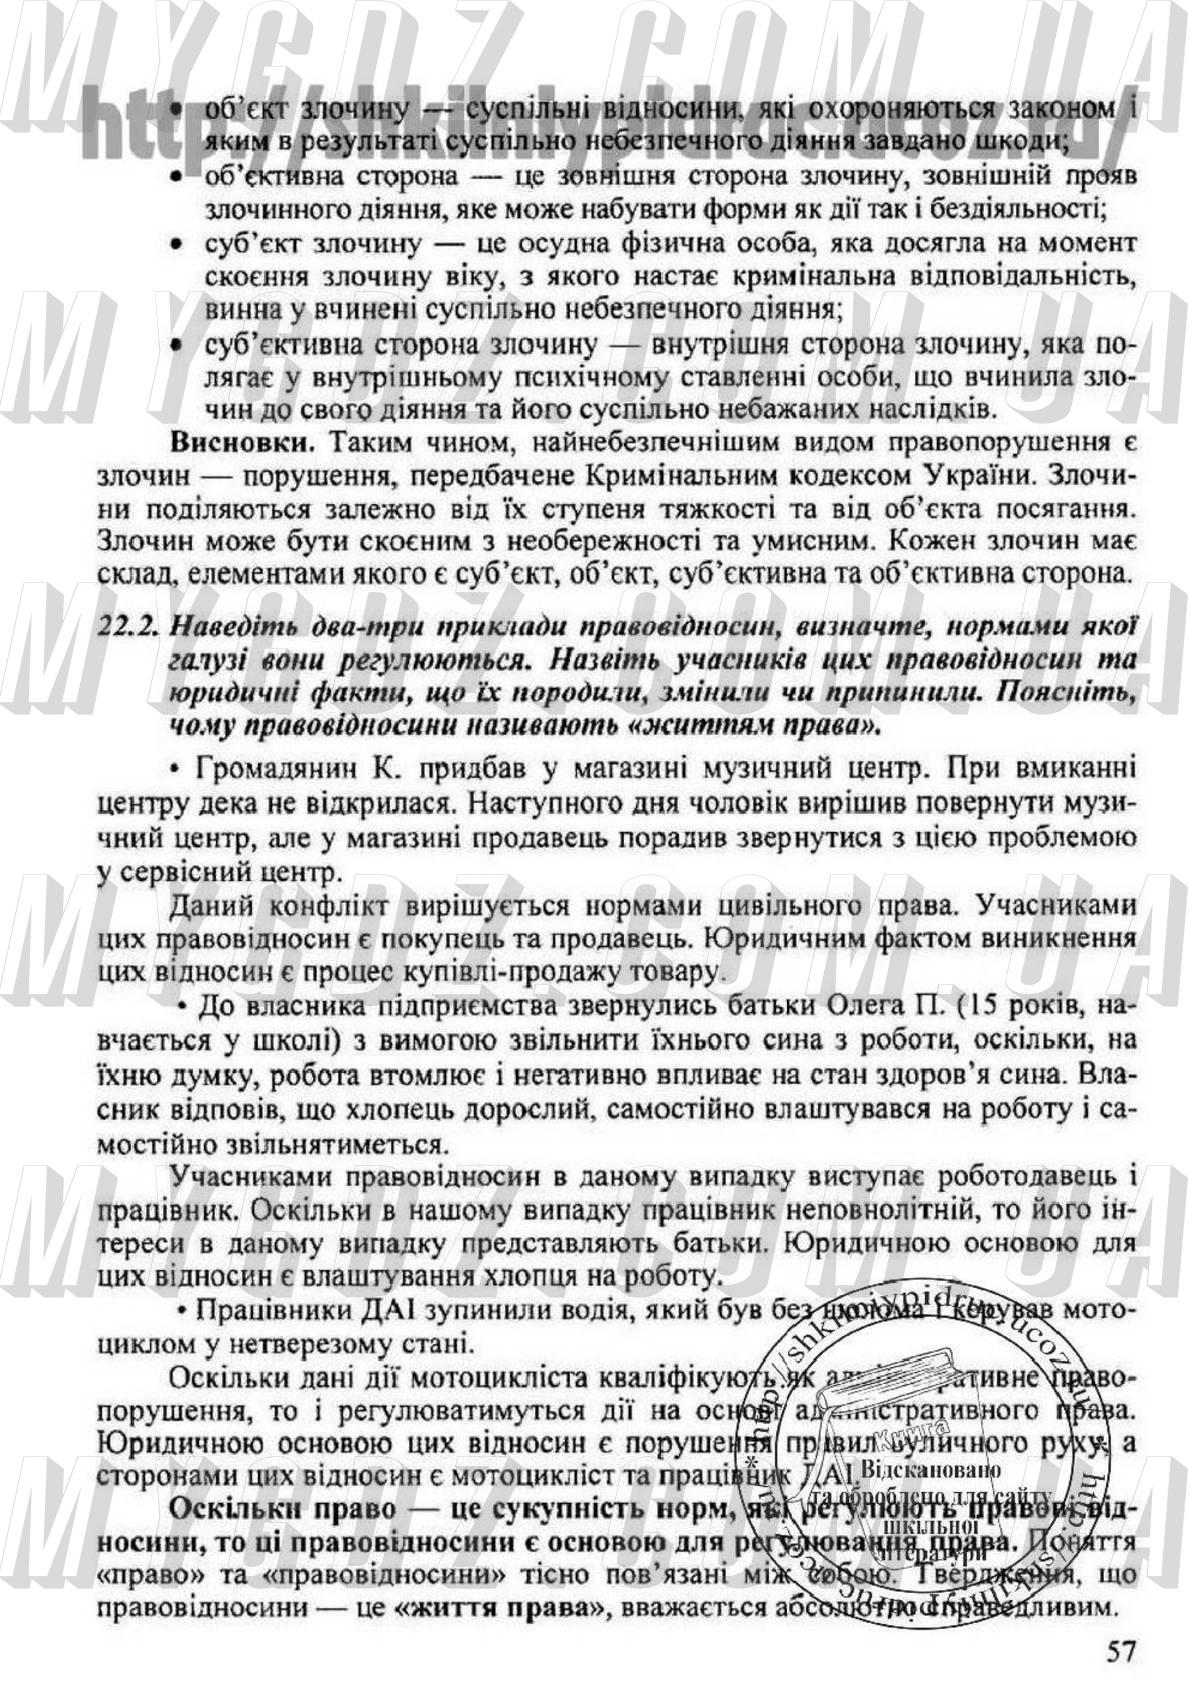 ГДЗ Сторінка 57 2014 Ремех 9 клас